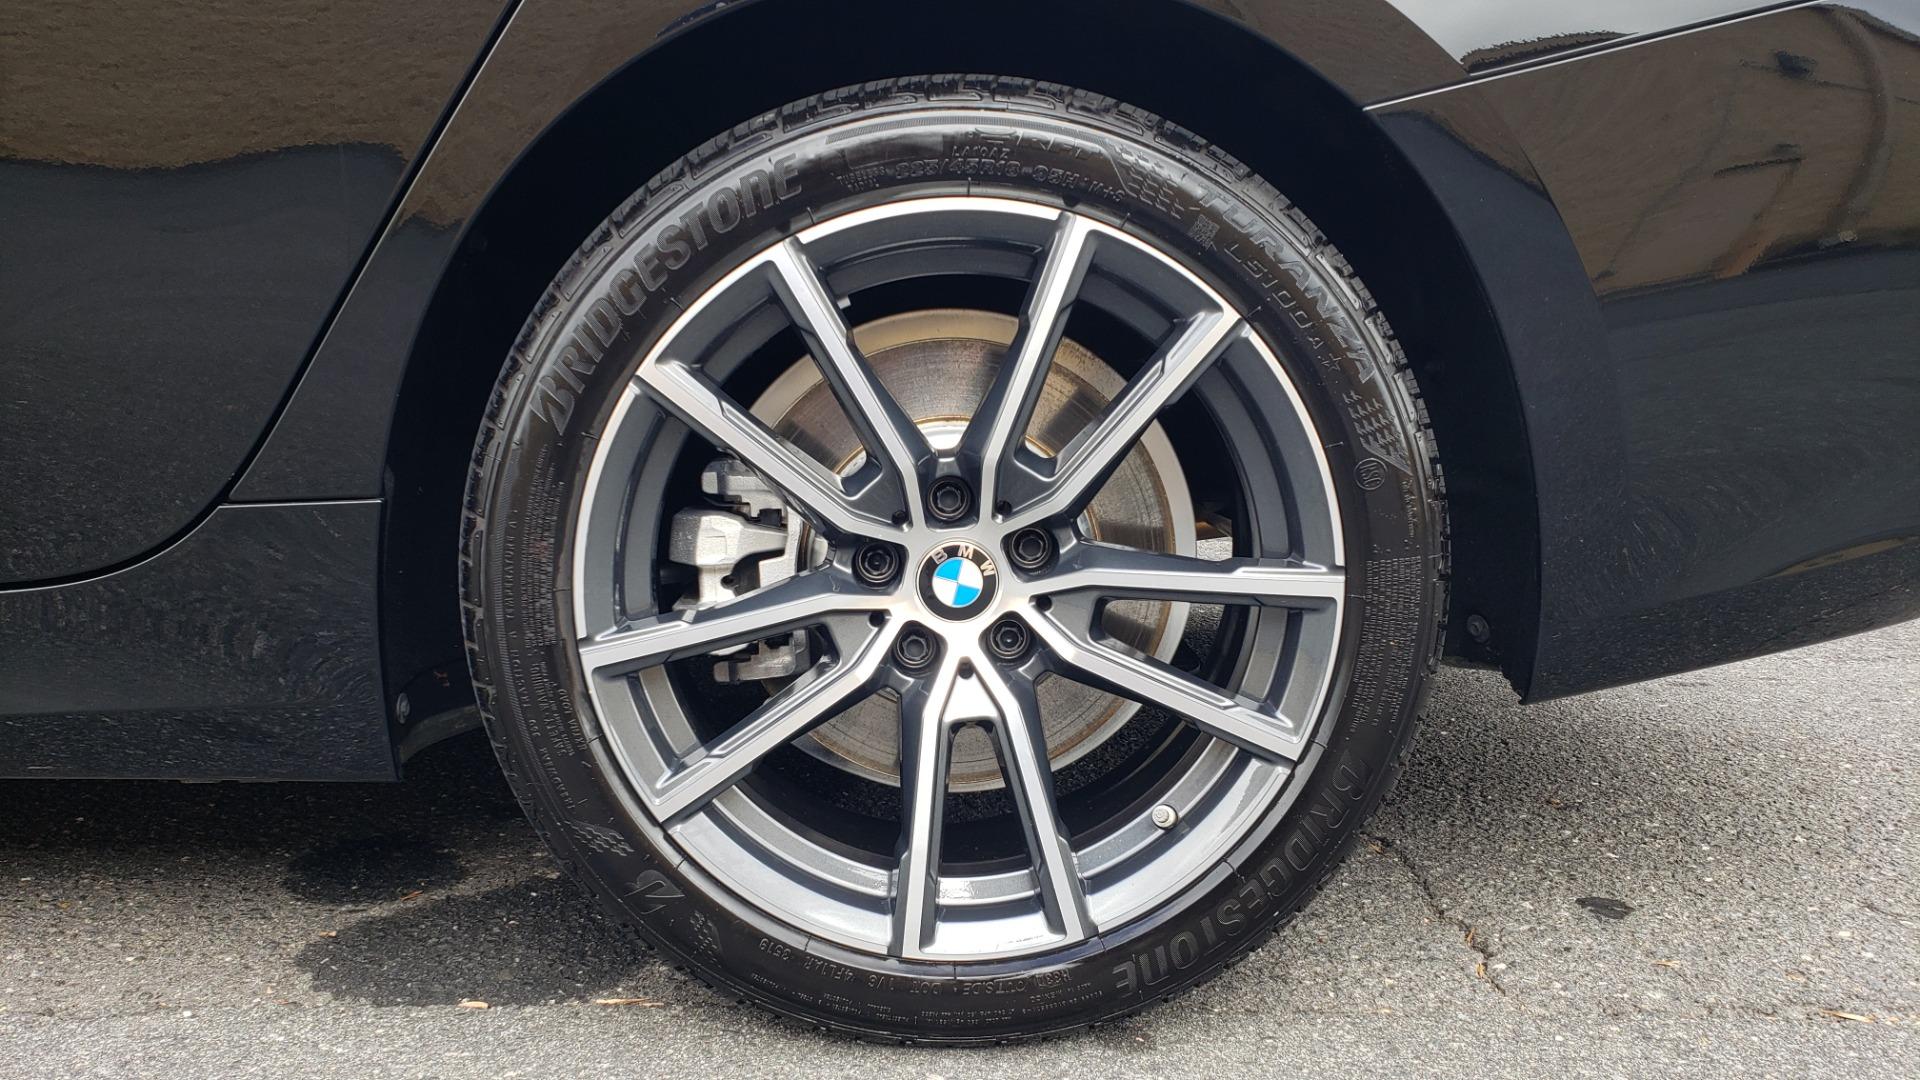 Used 2019 BMW 3 SERIES 330I PREM PKG / NAV / CONV PKG / H&K SND / LIVE COCKPIT PRO for sale Sold at Formula Imports in Charlotte NC 28227 84